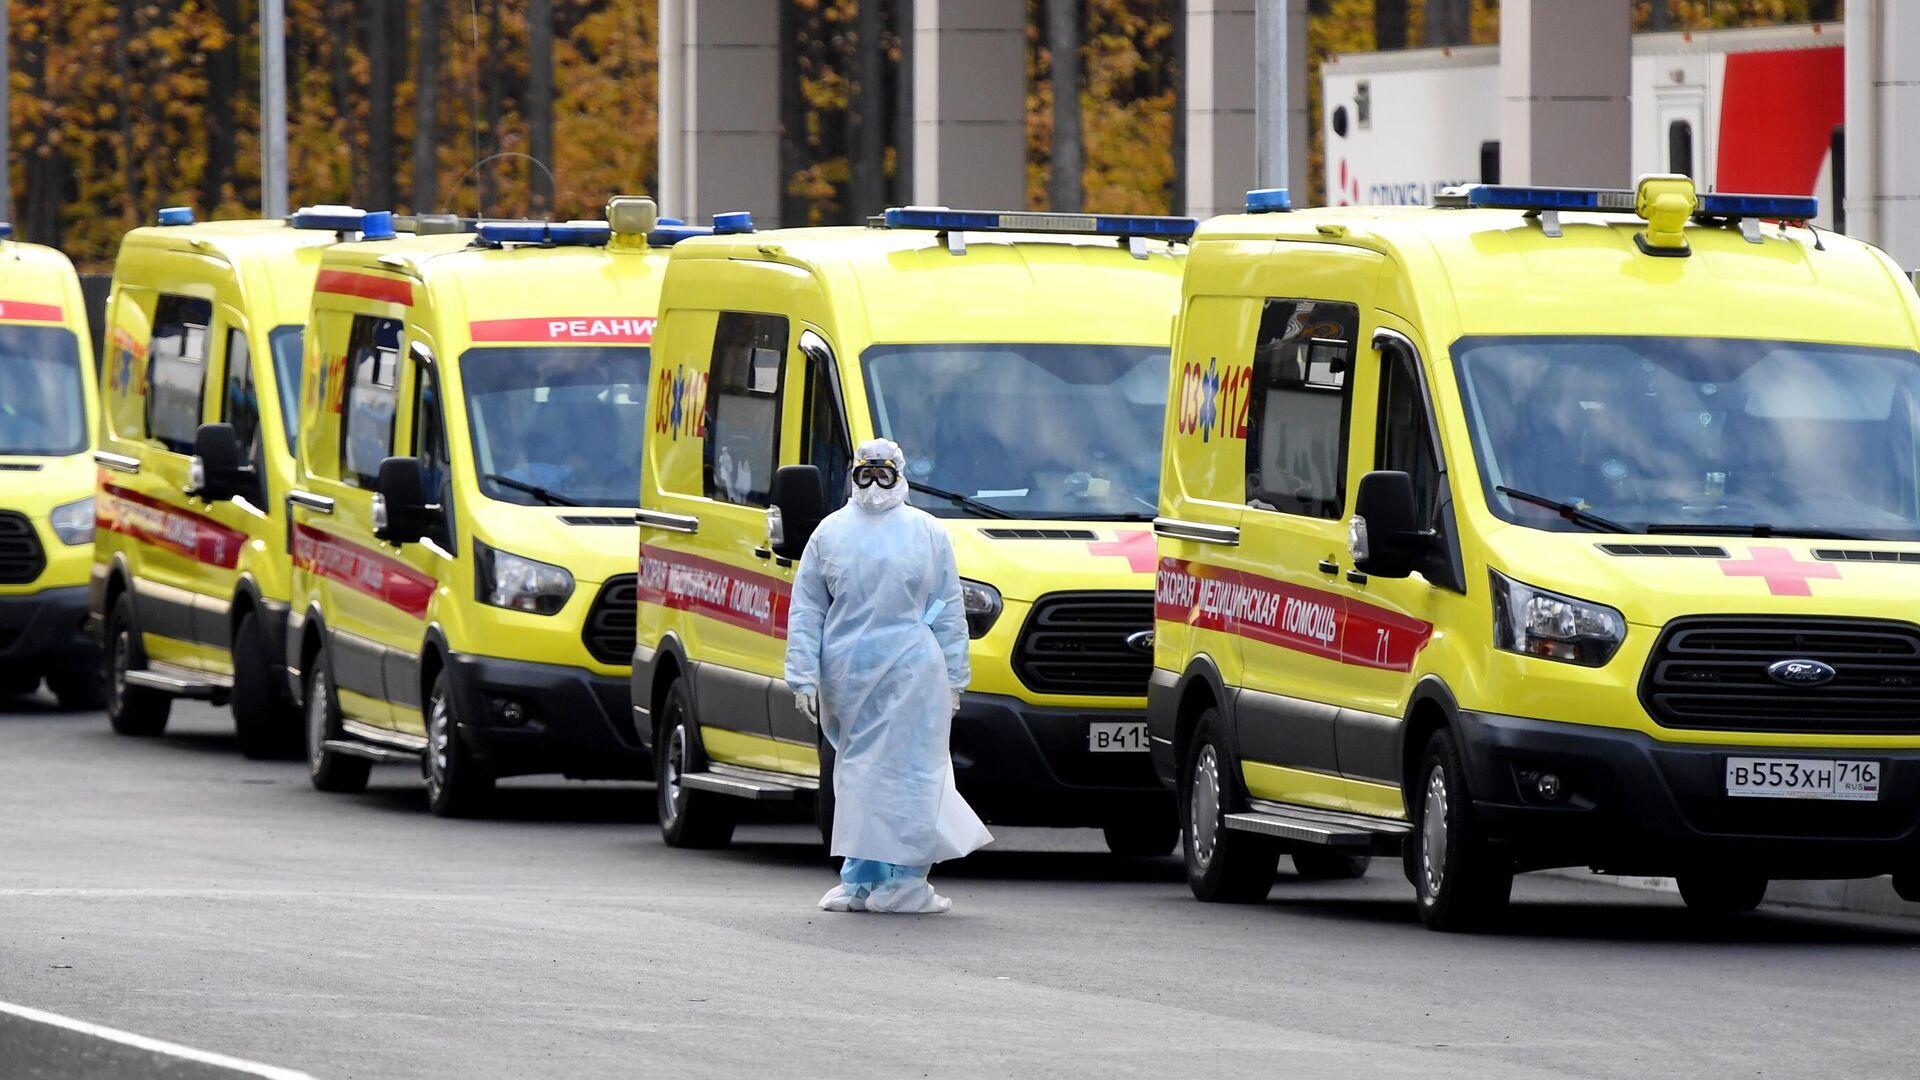 Машины скорой помощи у больницы  - РИА Новости, 1920, 05.01.2021